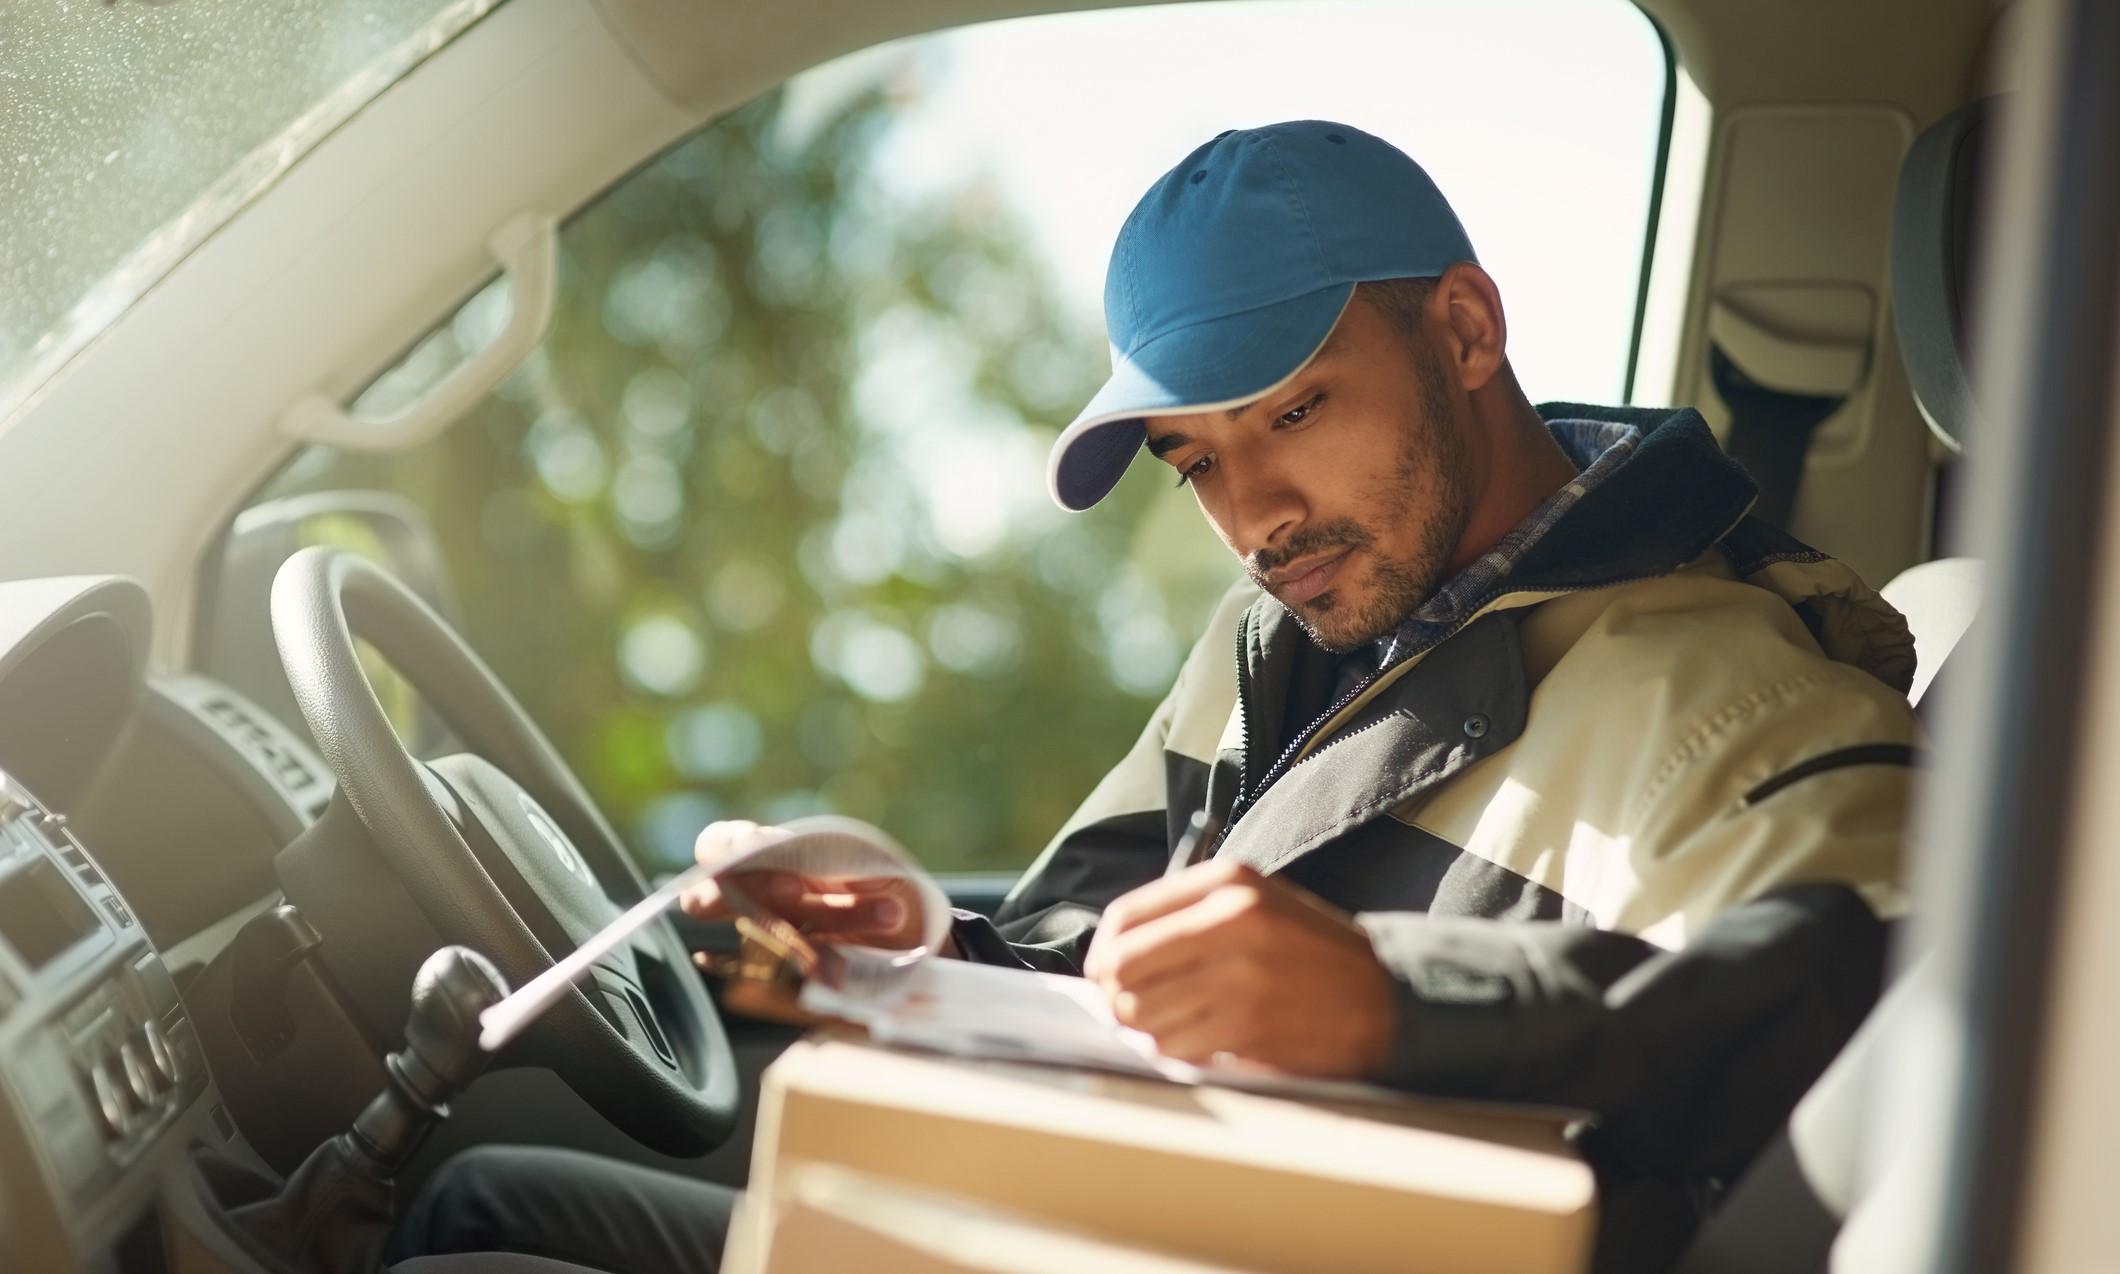 employee in car